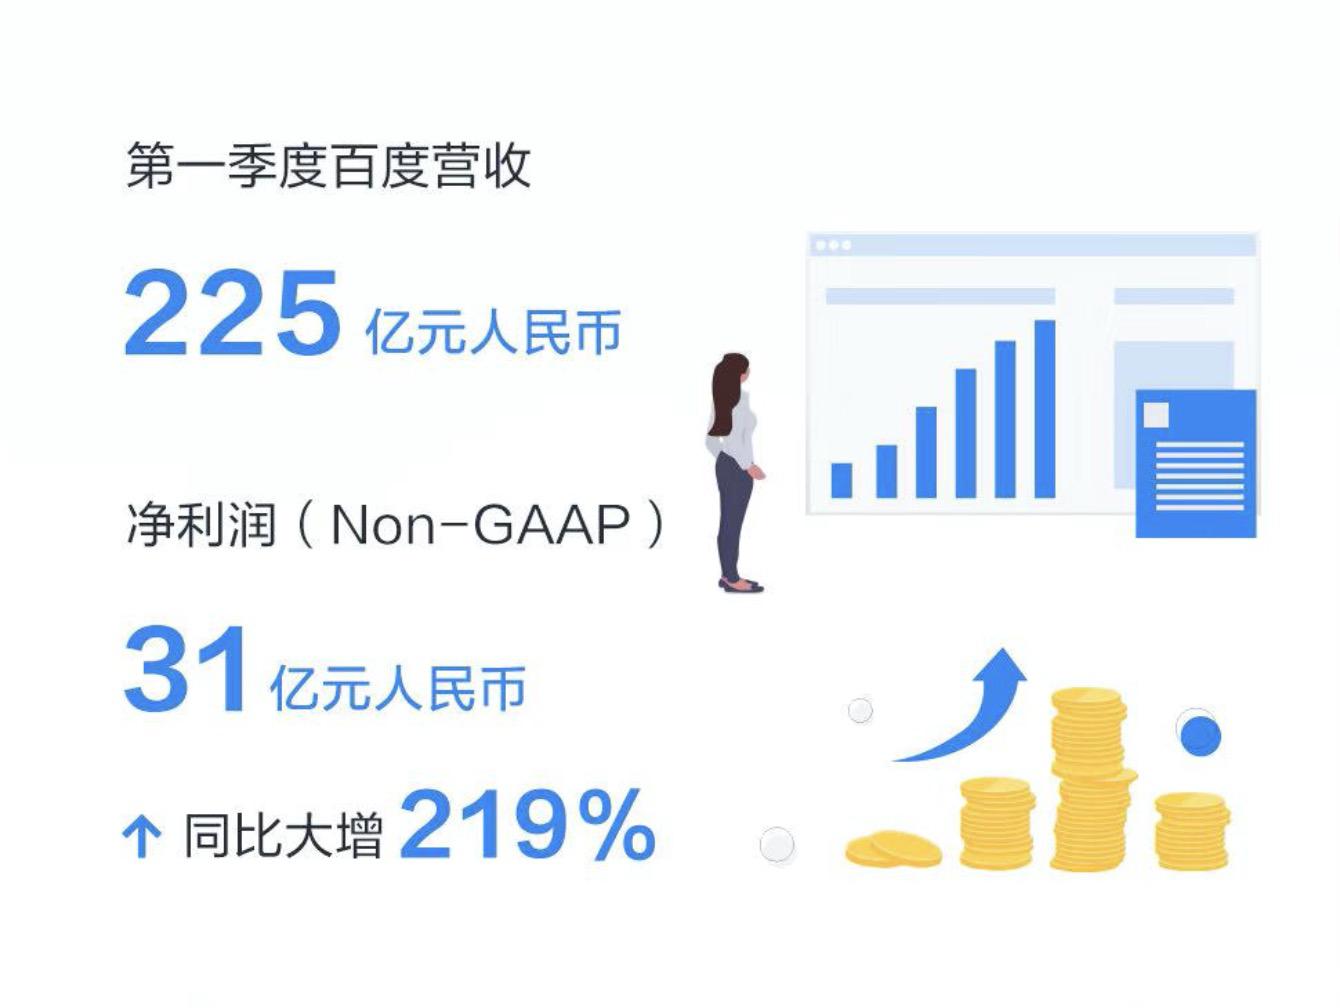 百度Q1财报:百度App日活同比大涨28%,直播、健康等业务成新亮点